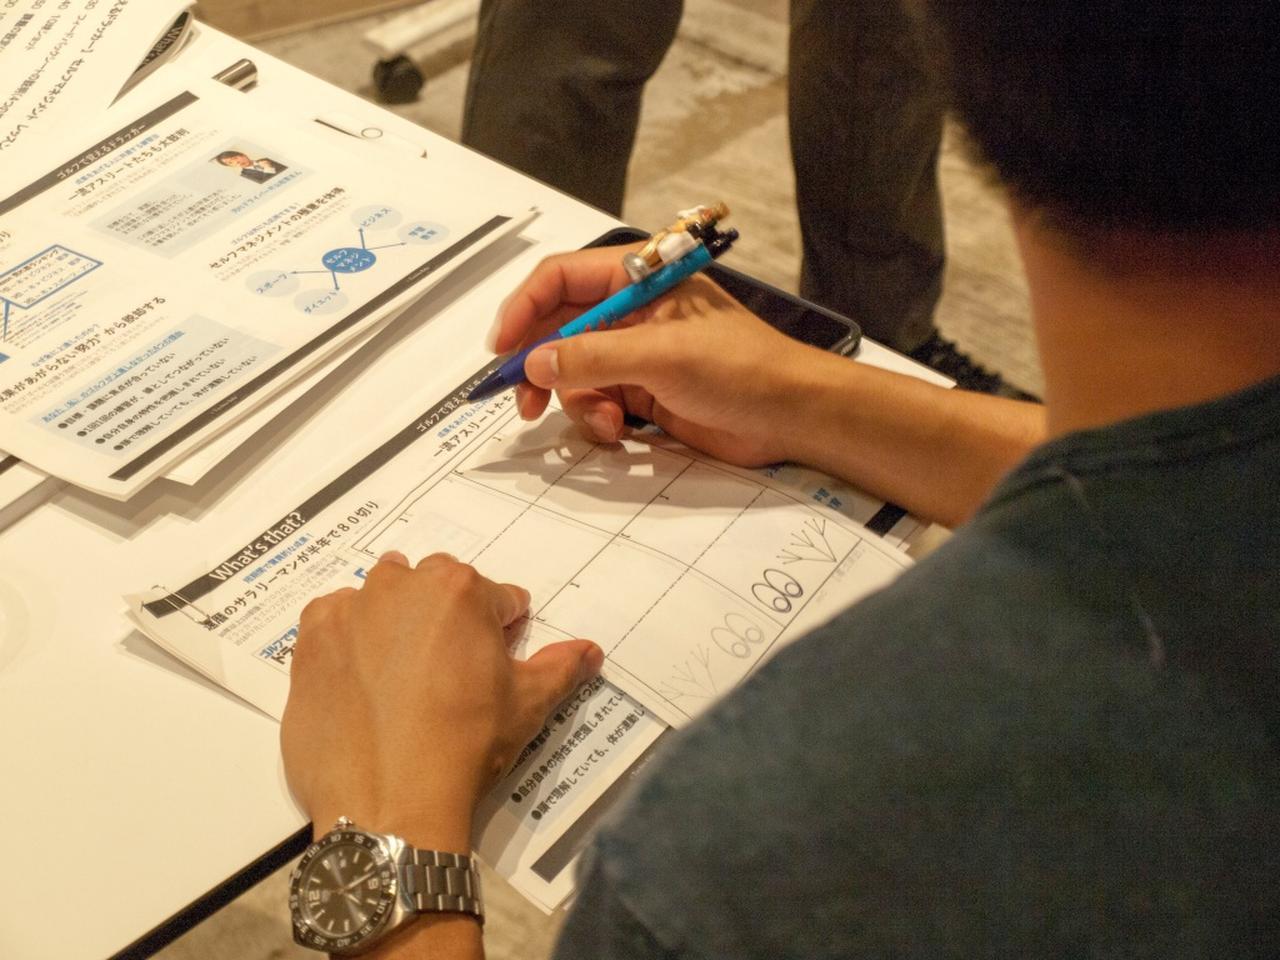 画像: 受講者が記入しているのはゴルフ・マネジメント学習法の要である「フィードバック手帳」。これに記入することで、自分の現状や課題を把握できる